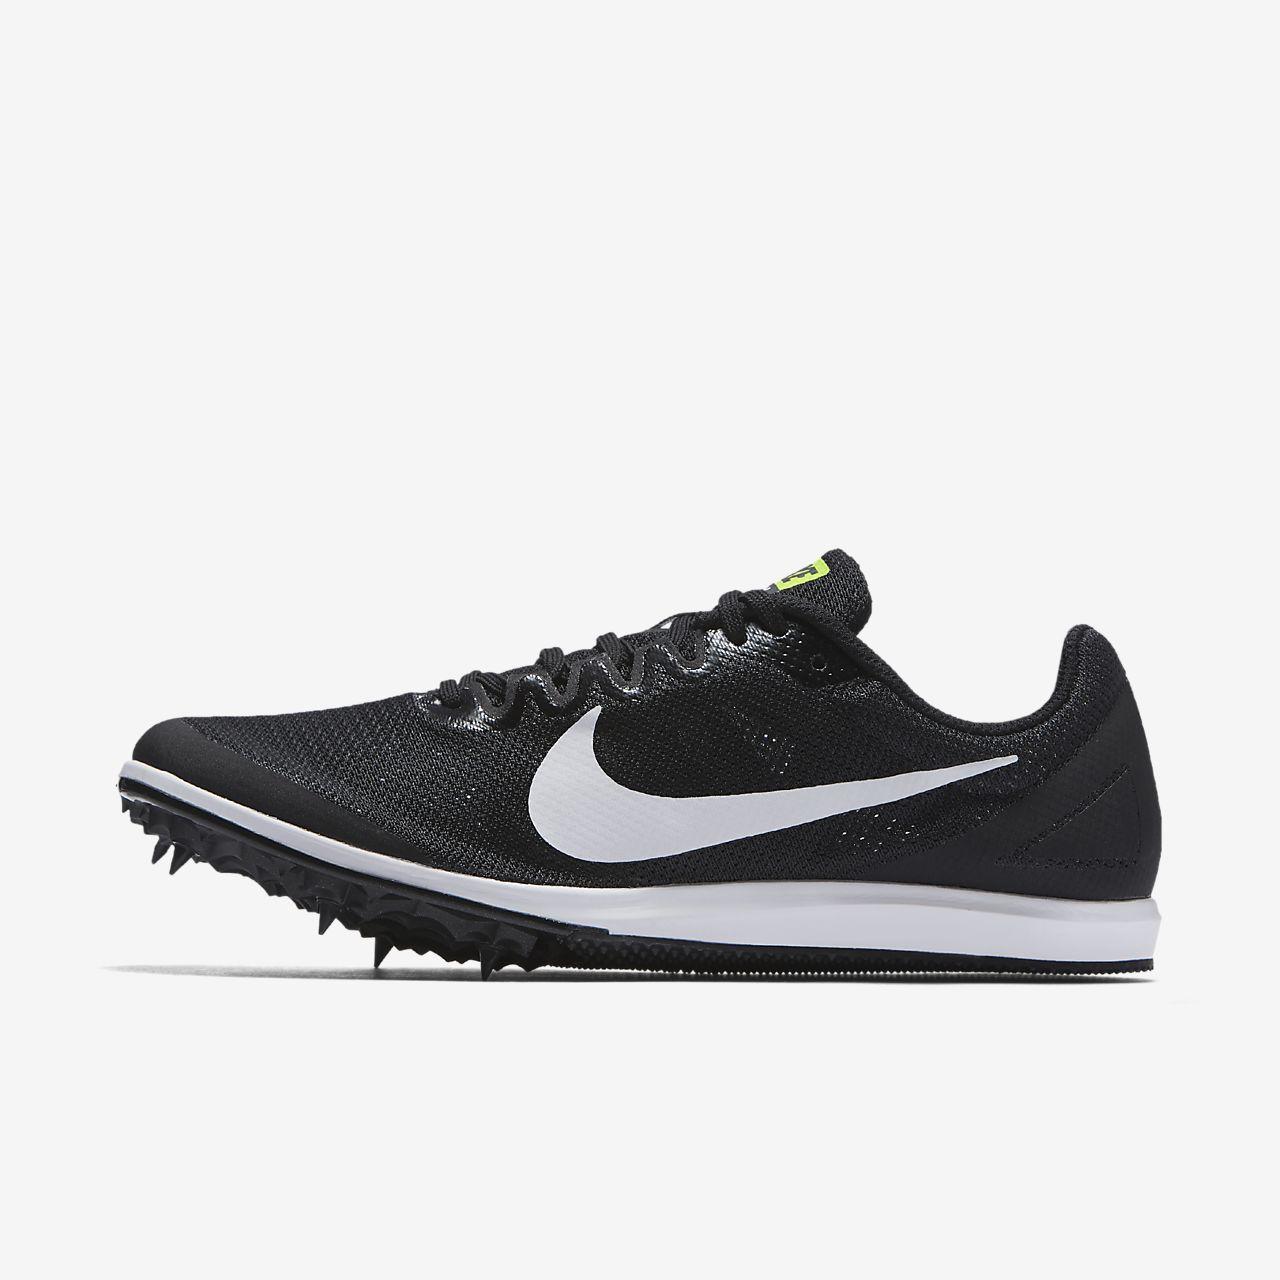 Jordan Shoes Ebay Size 9 Nike Free Run 9.5  c2469e5442